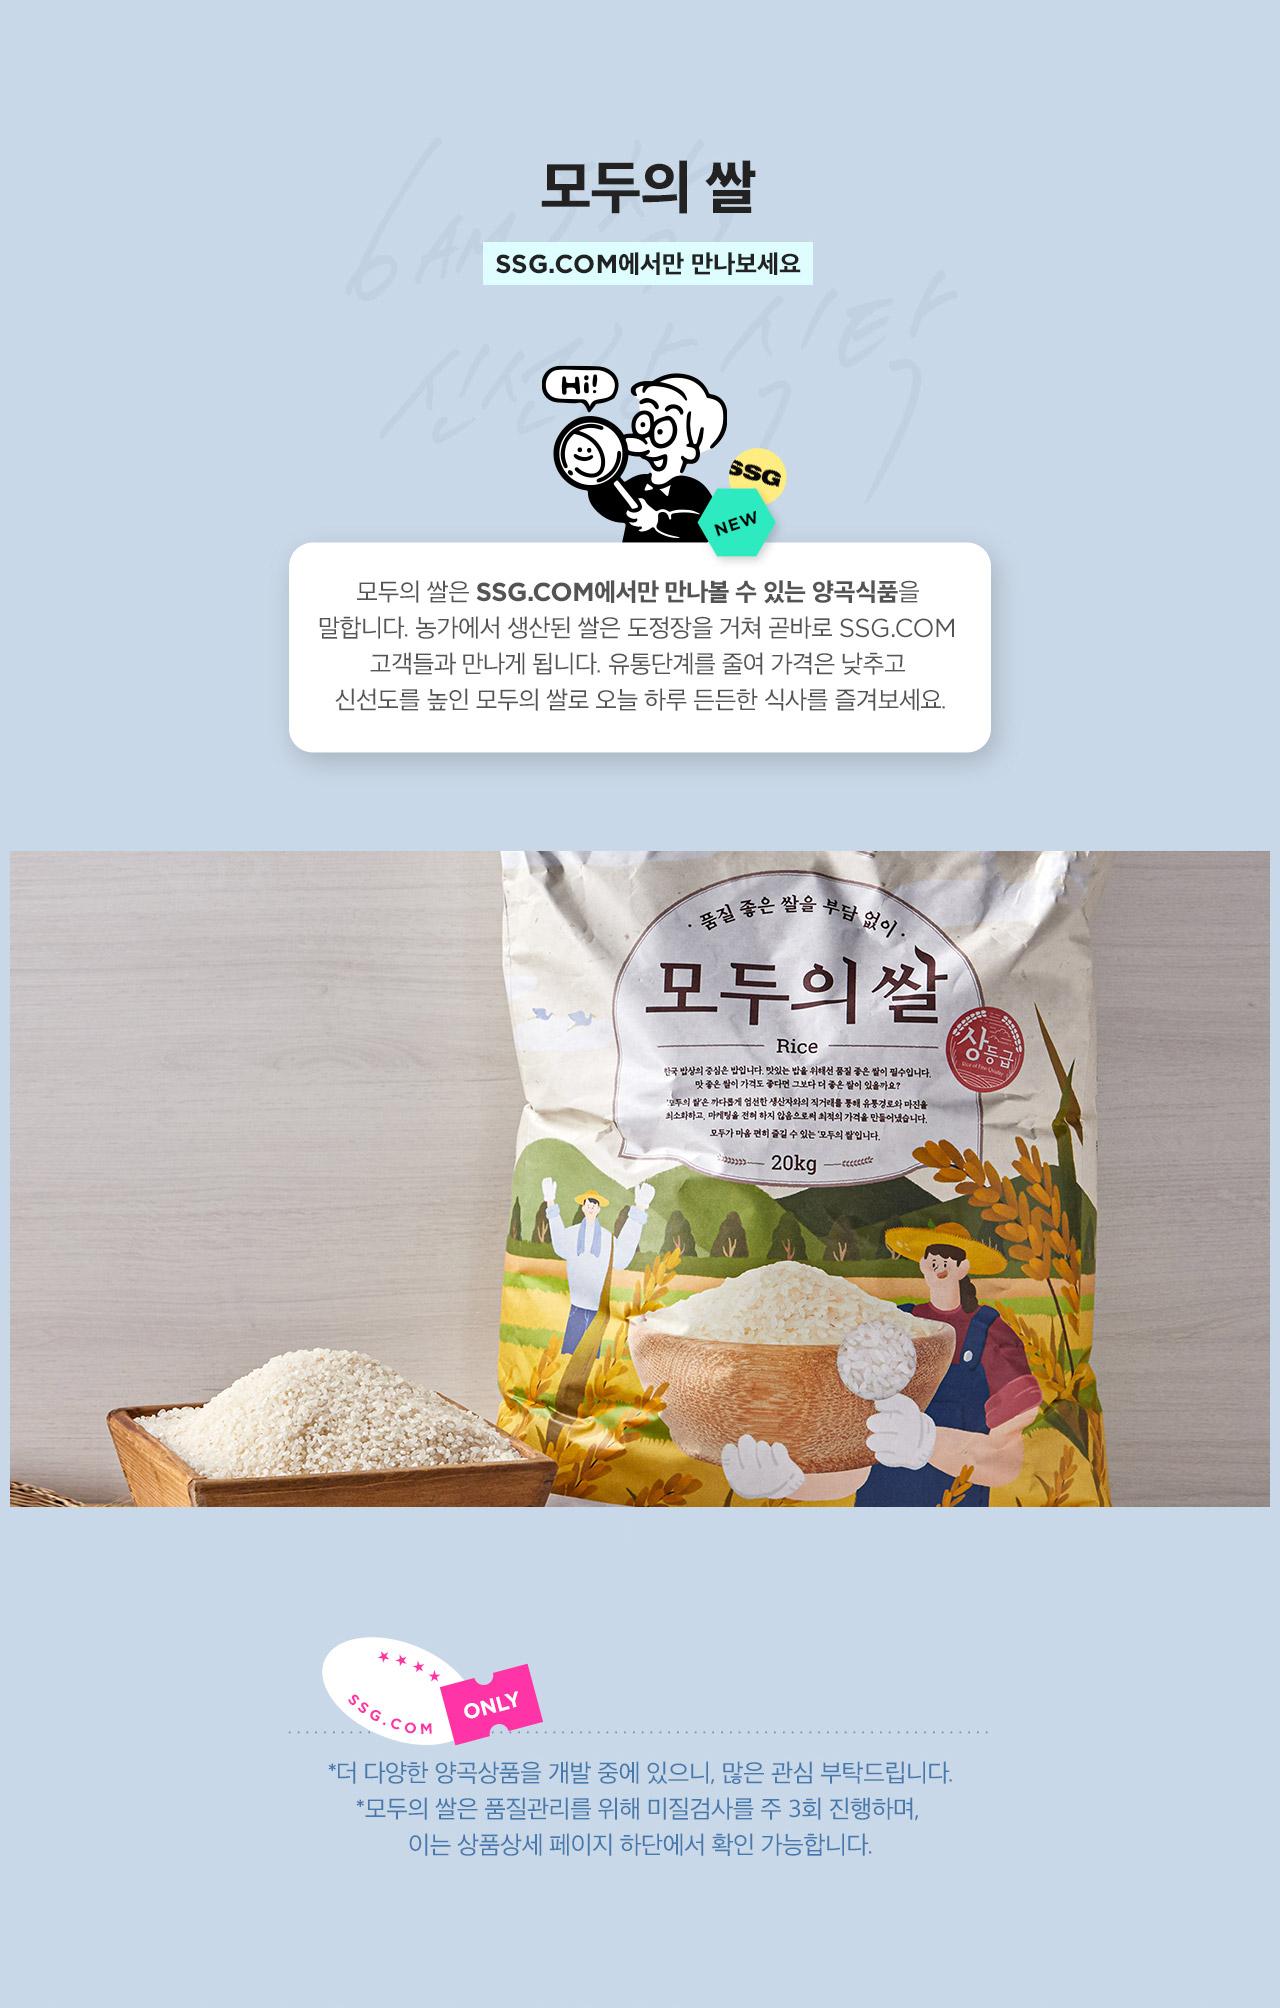 모두의 쌀은 SSG.COM에서만 만나볼 수 있는 양곡식품을 말합니다. 농가에서 생산된 쌀은 도정장을 거쳐 곧바로 SSG.COM고객들과 만나게 됩니다. 유통단계를 줄여 가격은 낮추고 신선도를 높인 모두의 쌀로 오늘 하루 든든한 식사를 즐겨보세요.